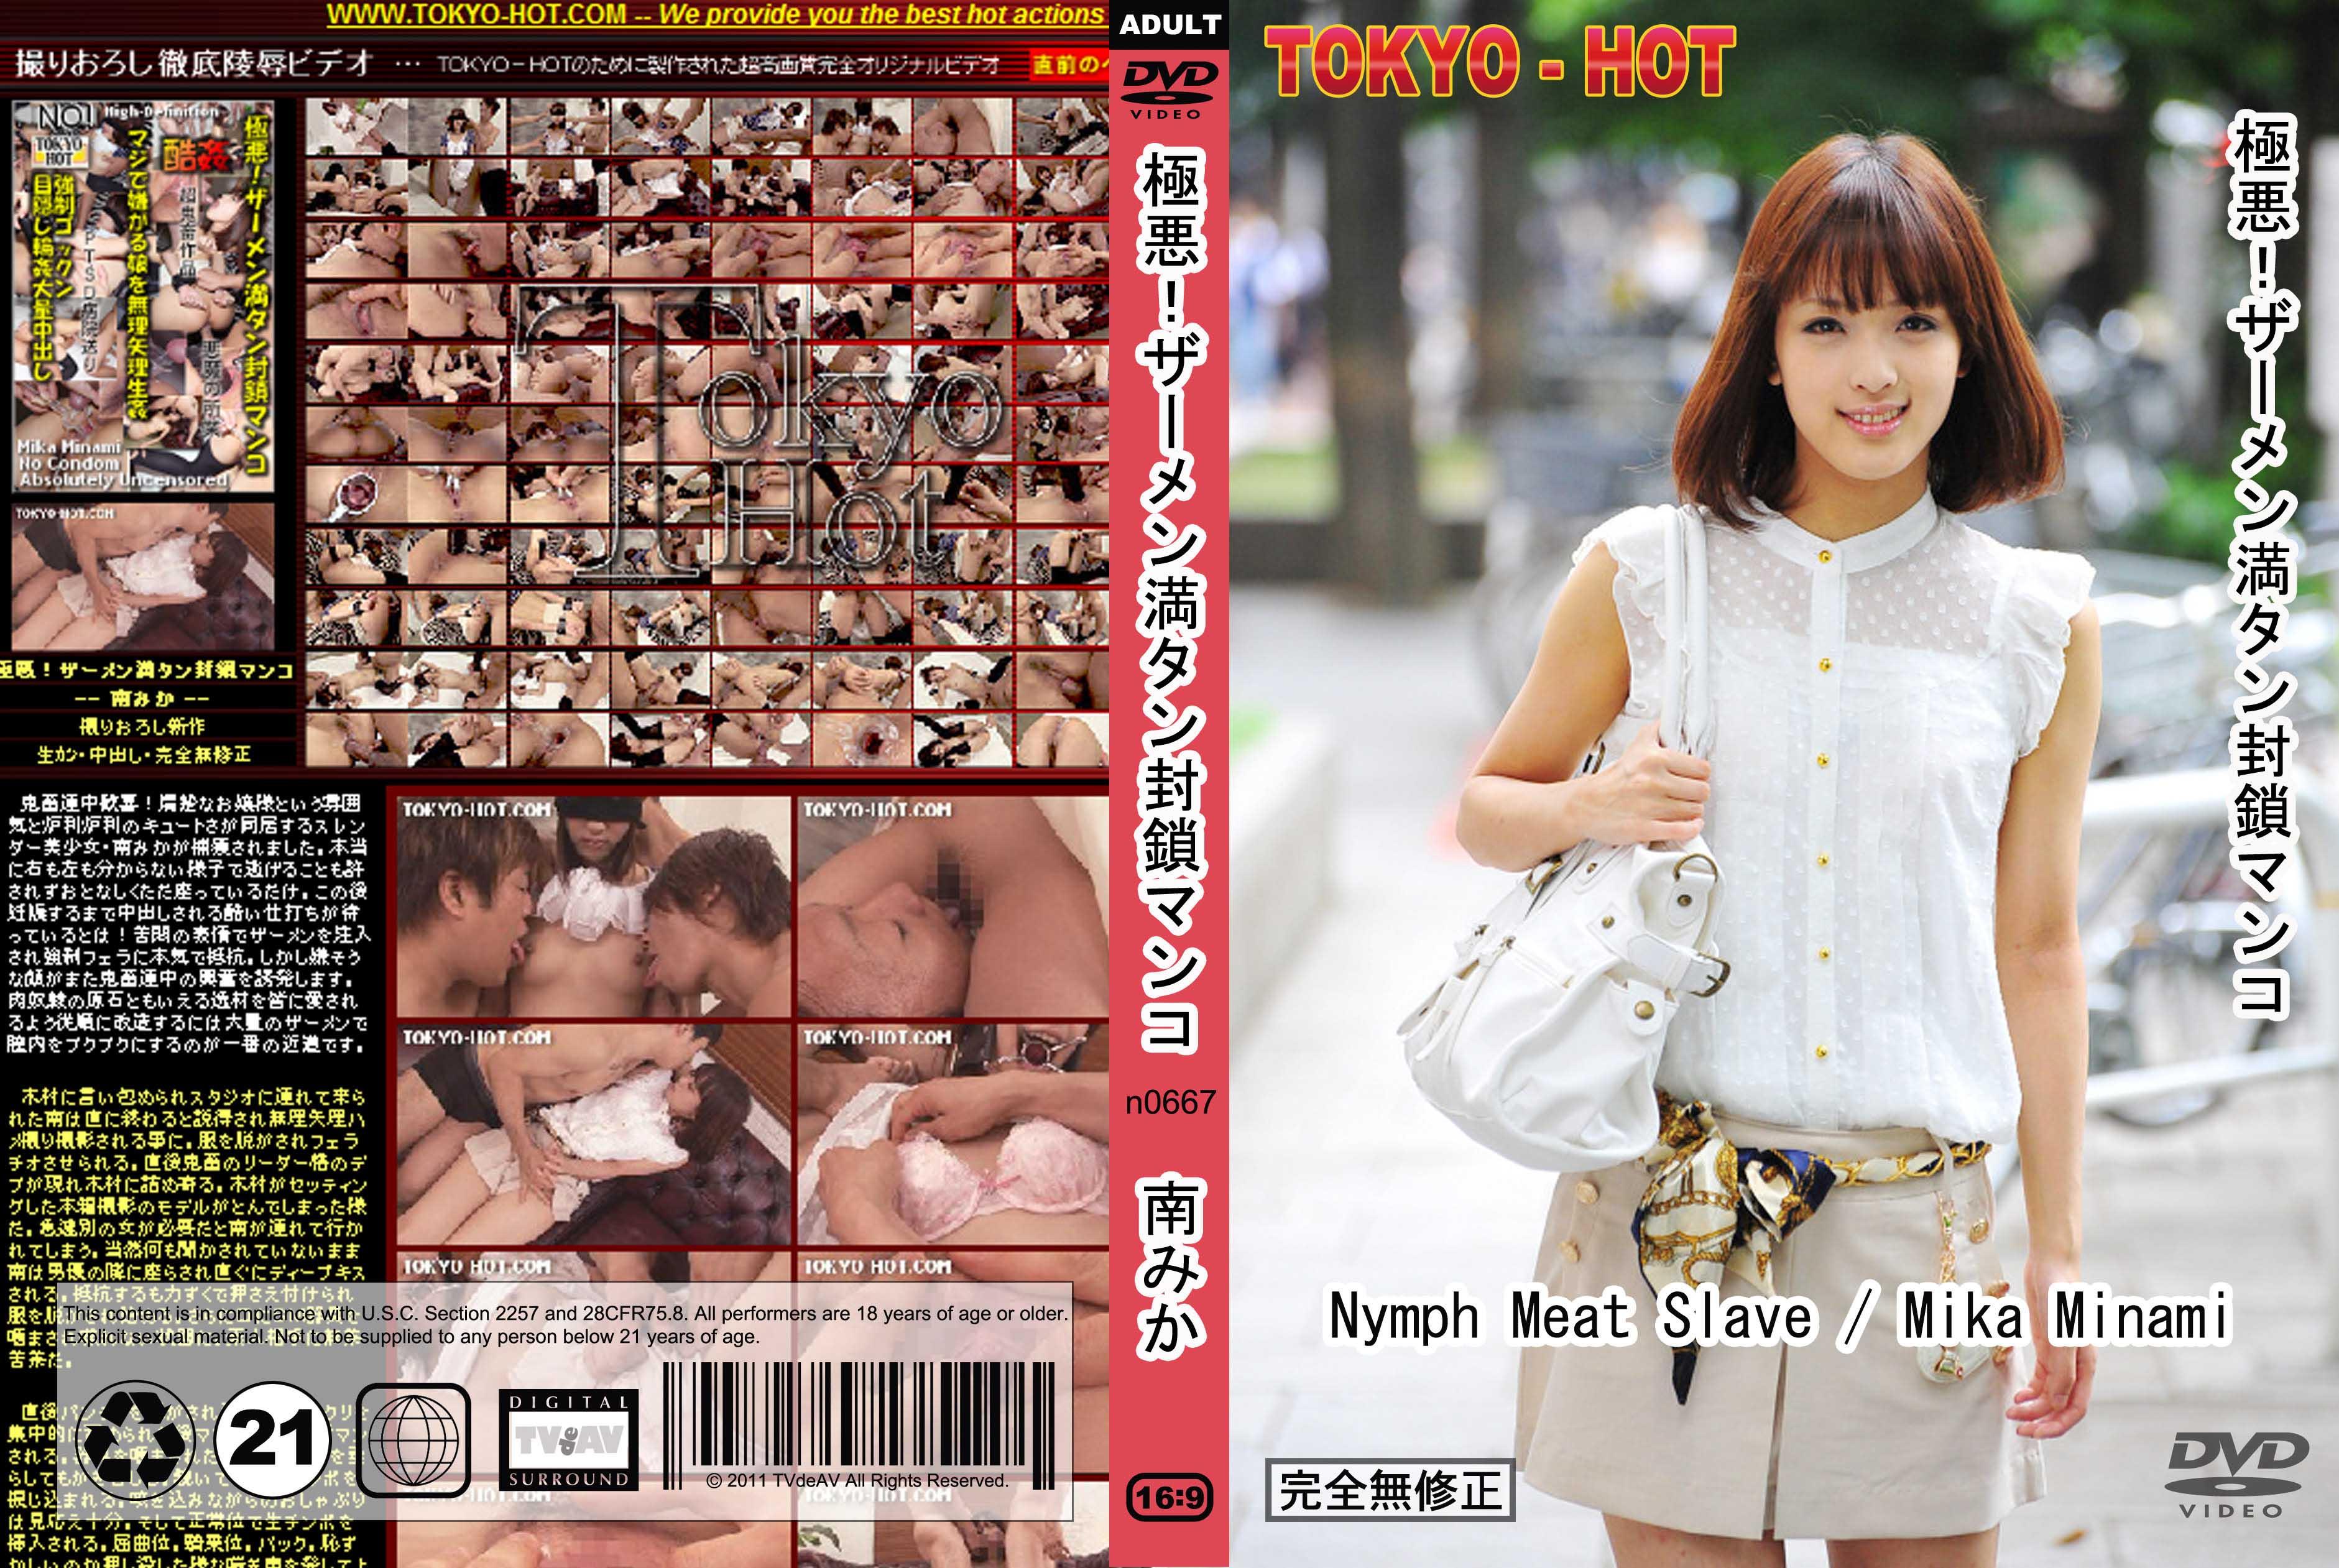 tokyo-hot-n0667-cd3-極悪!ザーメン満タン封鎖マンコ